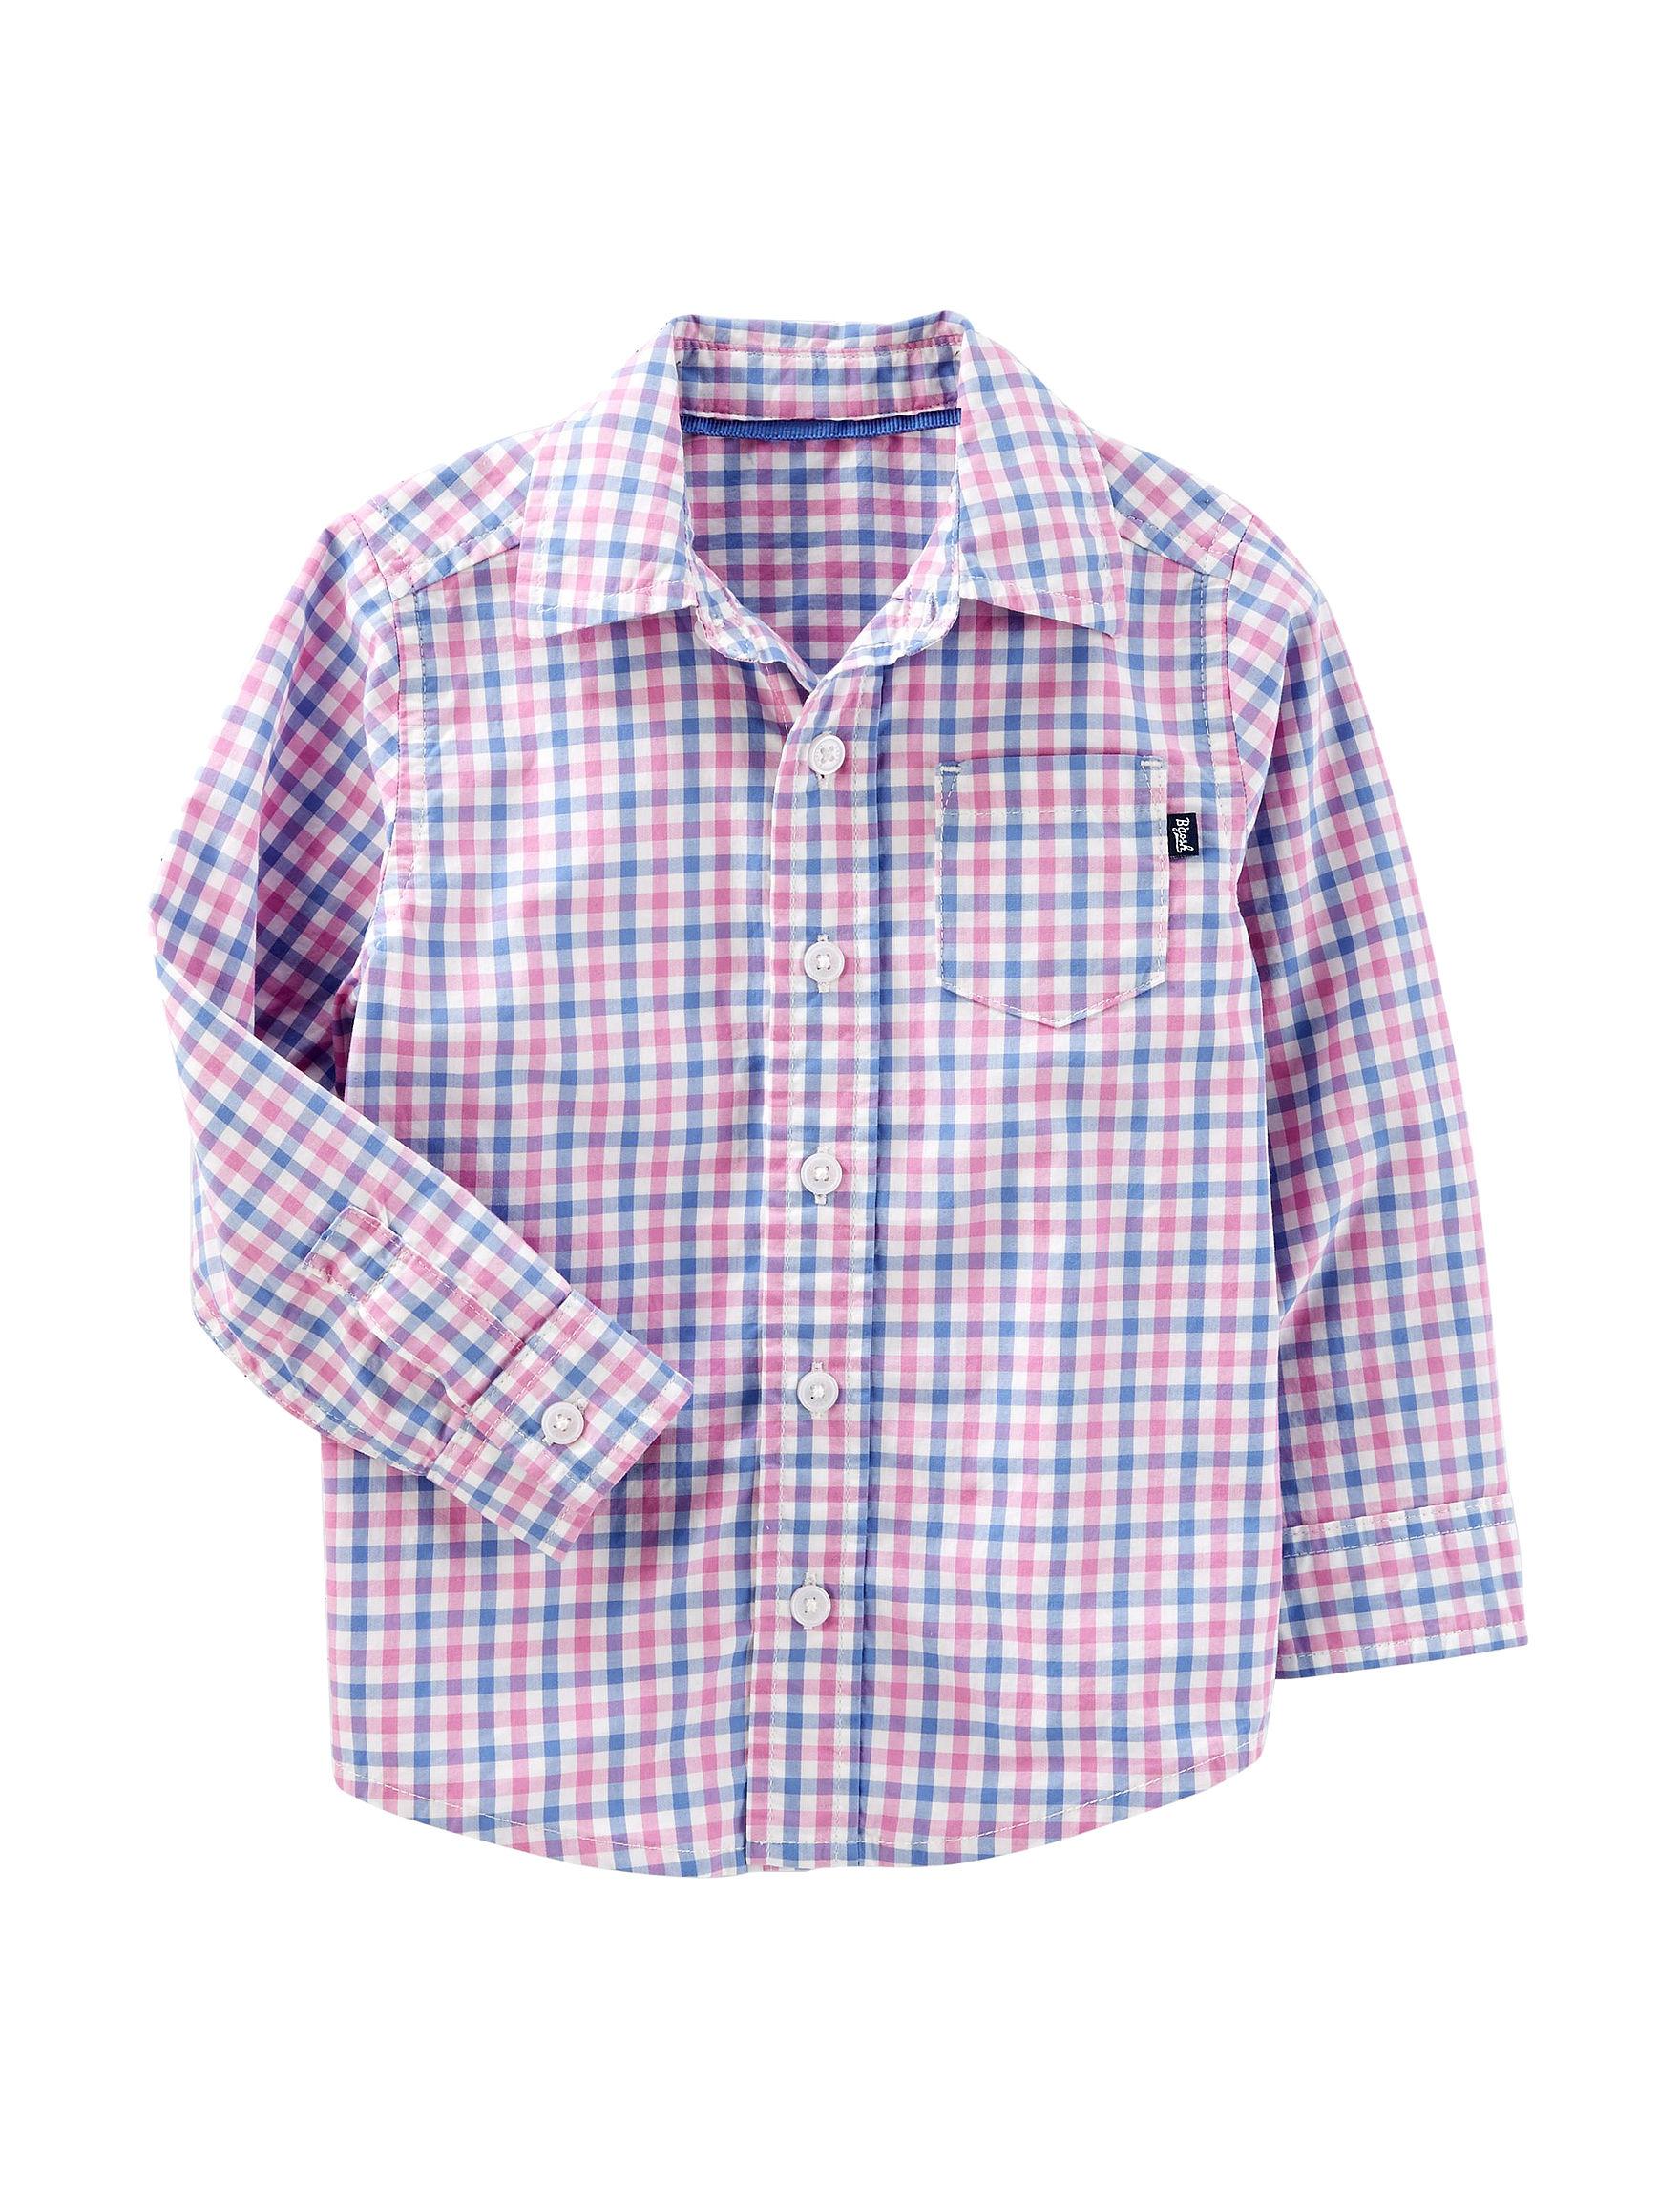 Oshkosh B'Gosh Pink / Blue